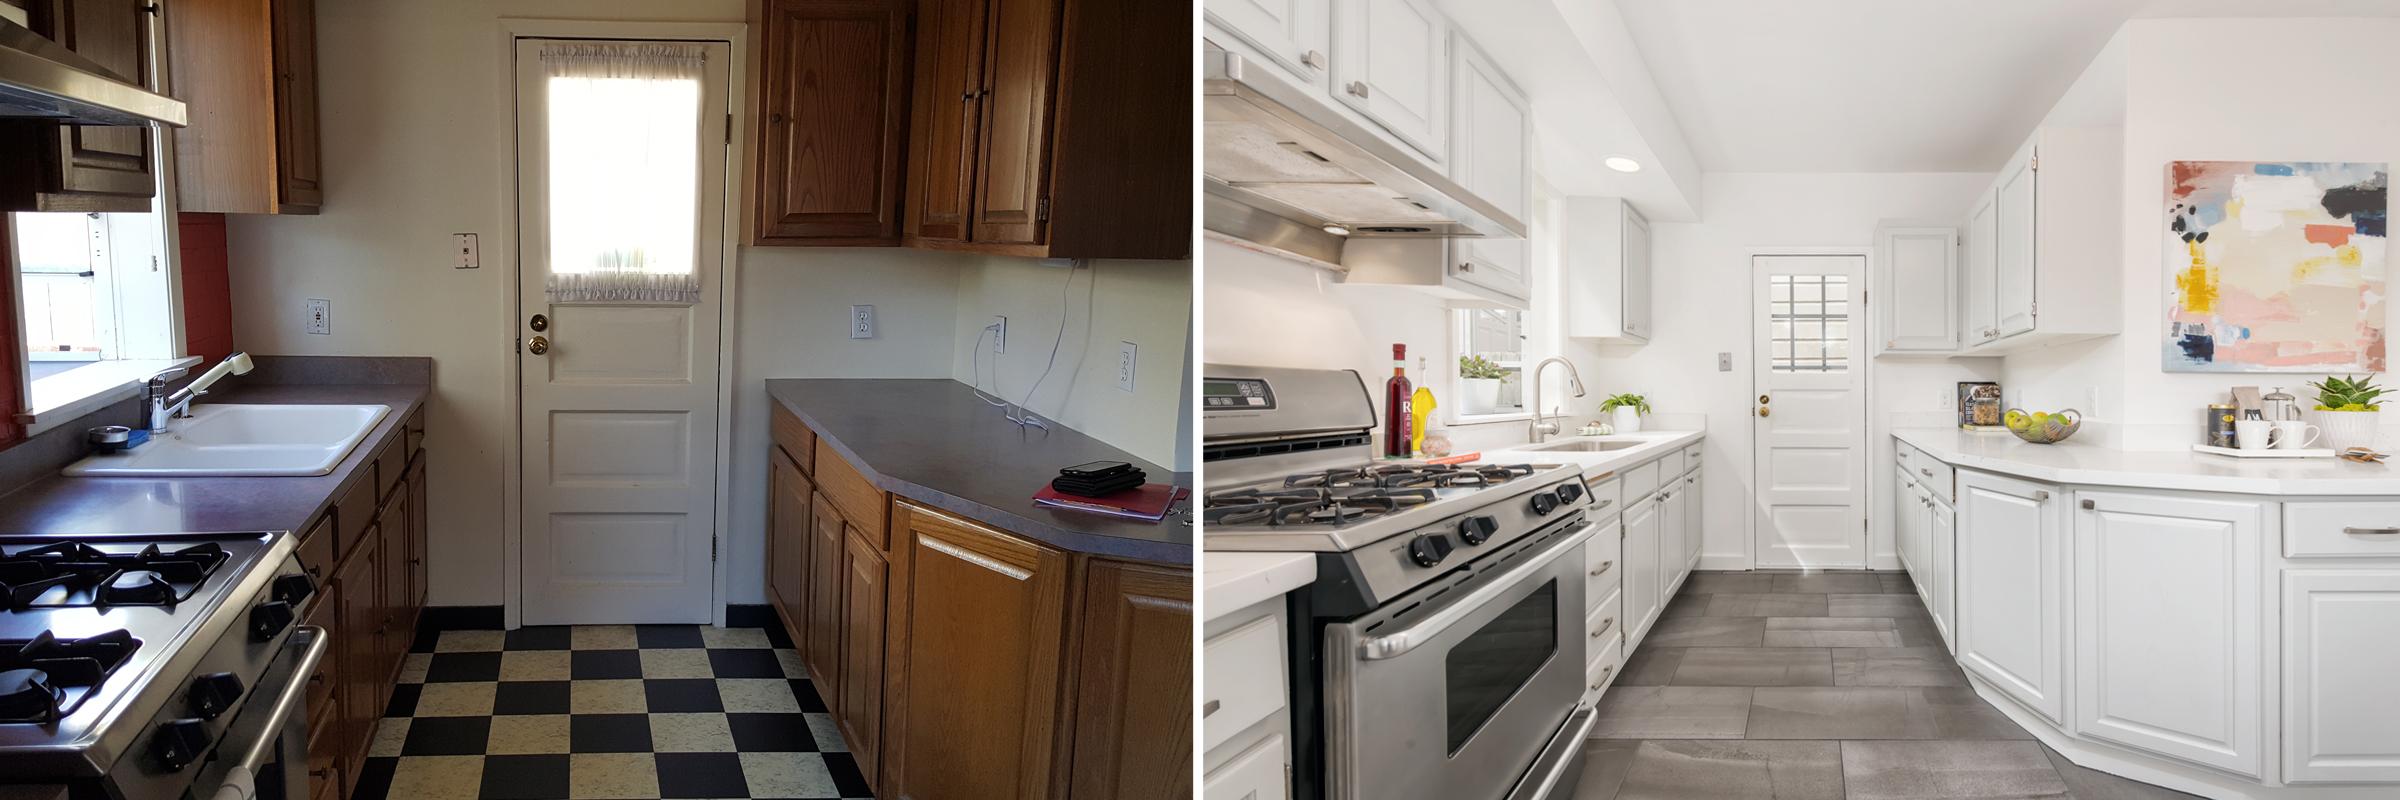 166 ellsworth kitchen 1 with line.jpg